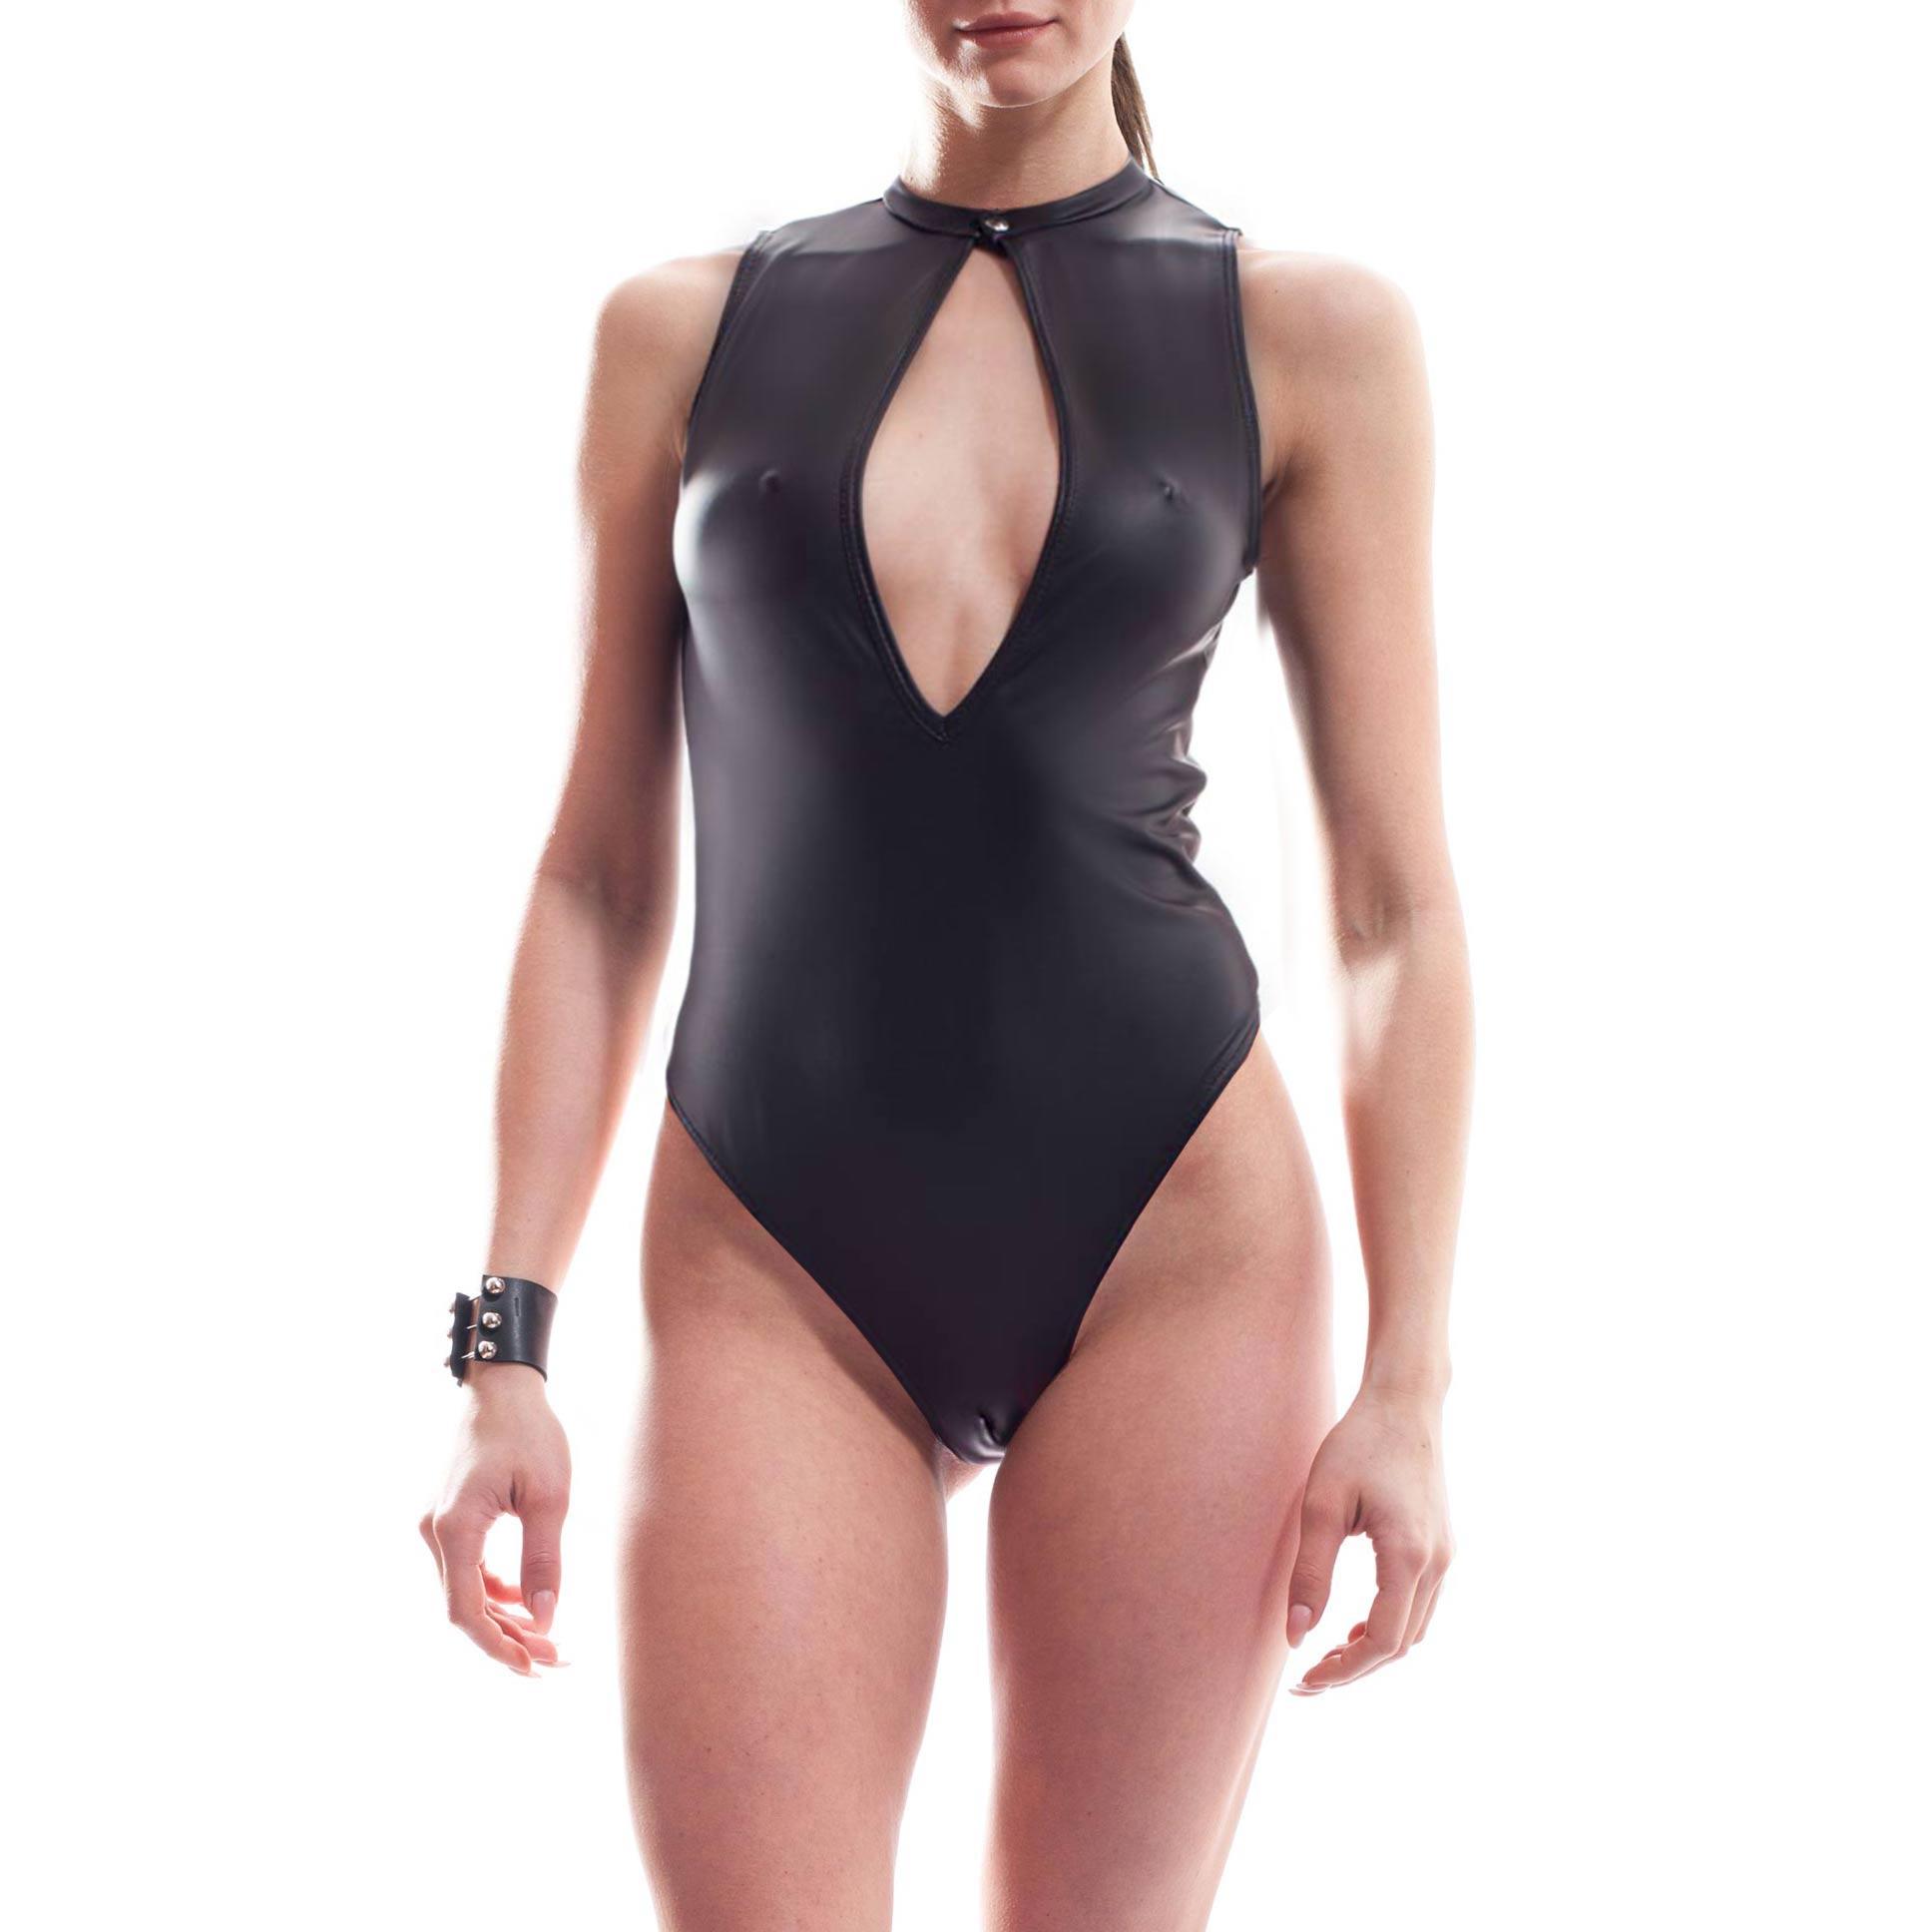 Dieser Damen Ouverte Body gehört zu den Wojoer LIVE-Produkten. Sie werden ab Bestellung bei uns produziert. So können wir auf Kundenwünsche individuell eingehen. Größen Erhältlich in den Größen S, M, L, XL Materialzusammensetzung Leatherlike: 92% Polyester | 8% Elasthan Besonderheiten LIVE Produkt | frontaler Overt Schlitz…